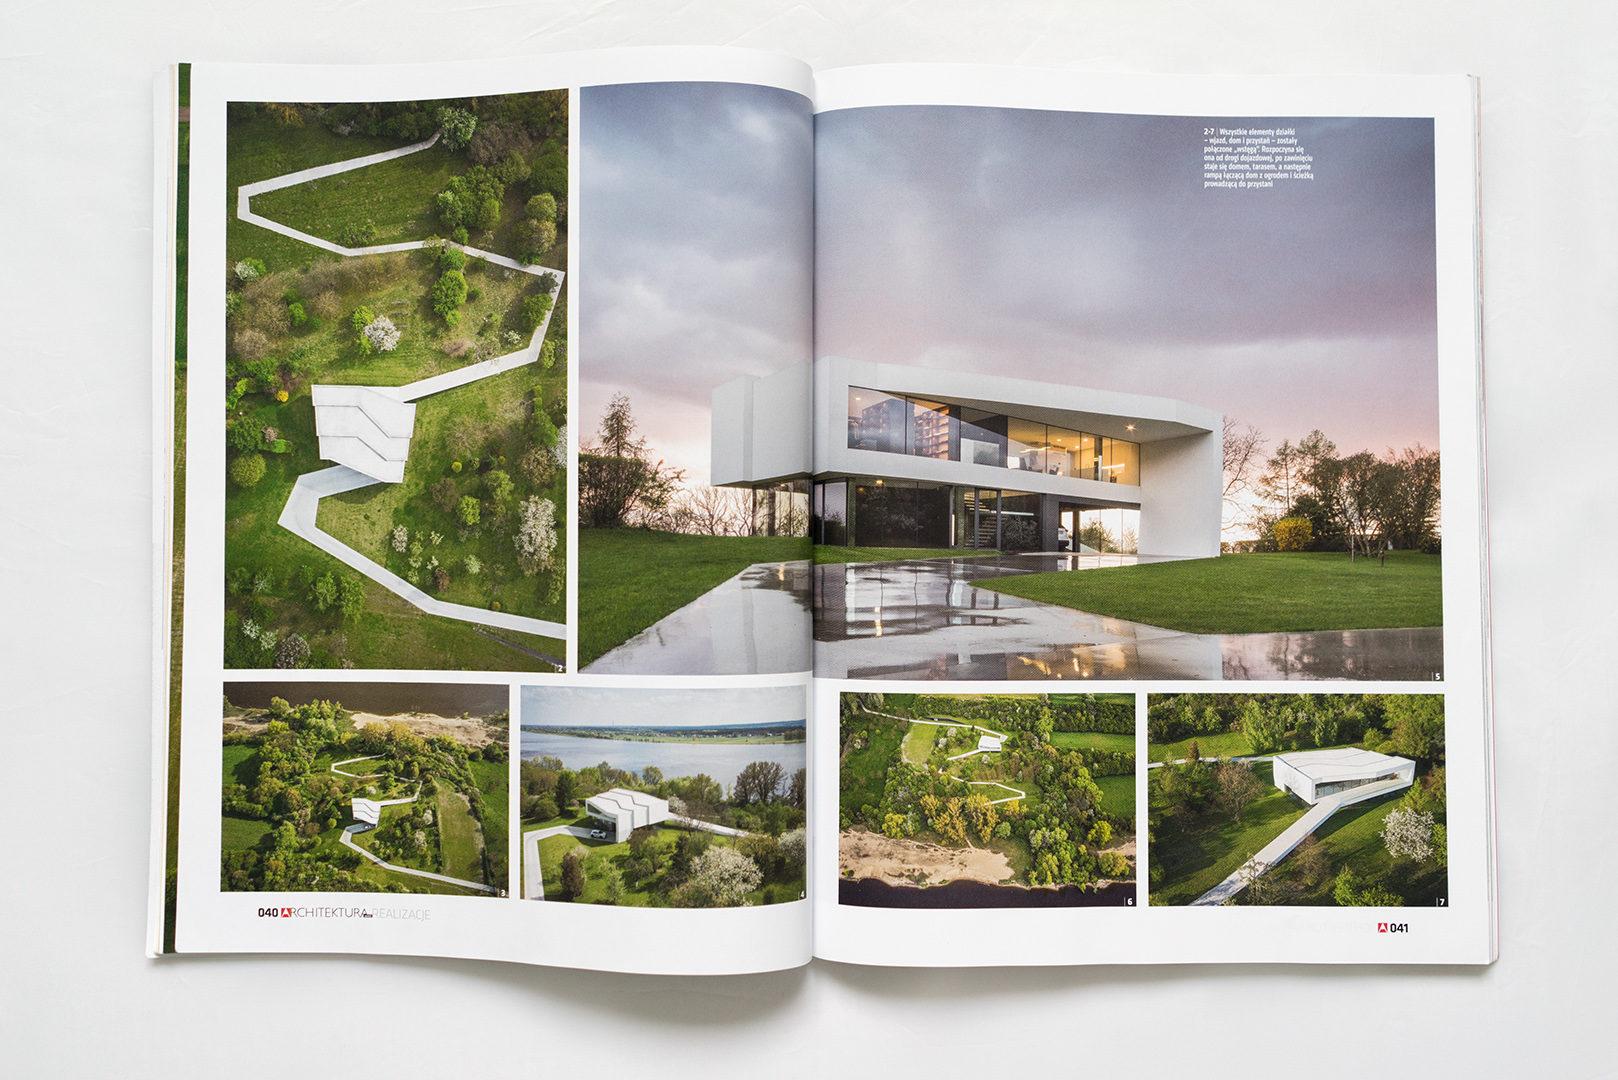 Architektura-03-2017-270-2